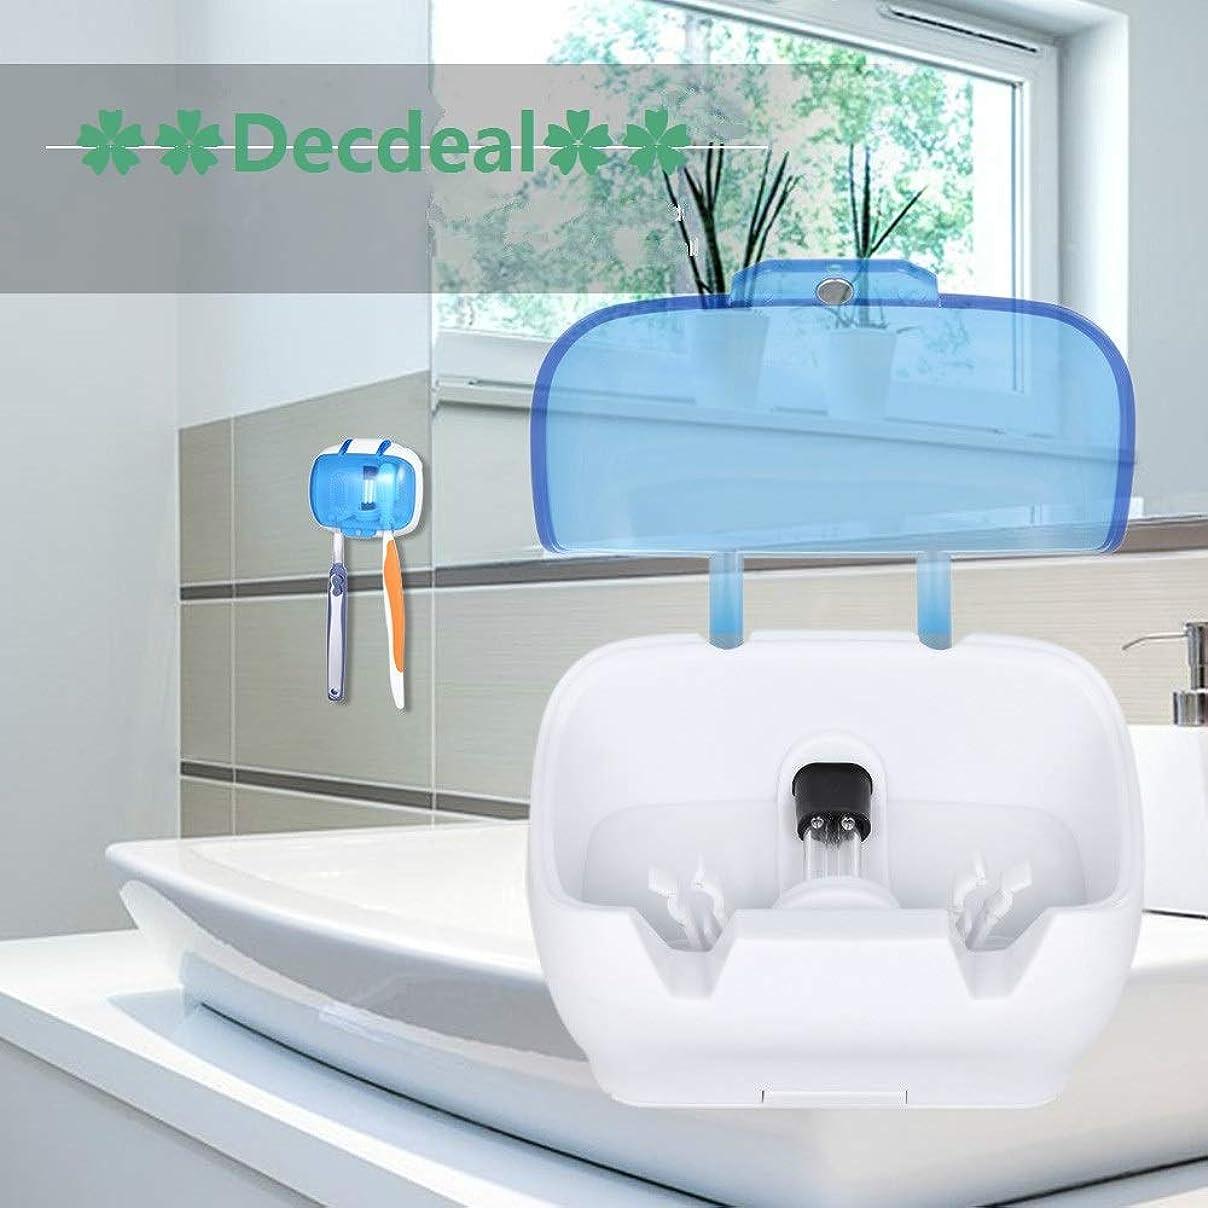 単調な溢れんばかりの人物Decdeal UV滅菌キャビネット 多機能消毒クリーンツール プロフェッショナル ネイルアート機器トレイ 温度殺菌ツール 5W 220V USプラグ (歯ブラシUV消毒ボックス)